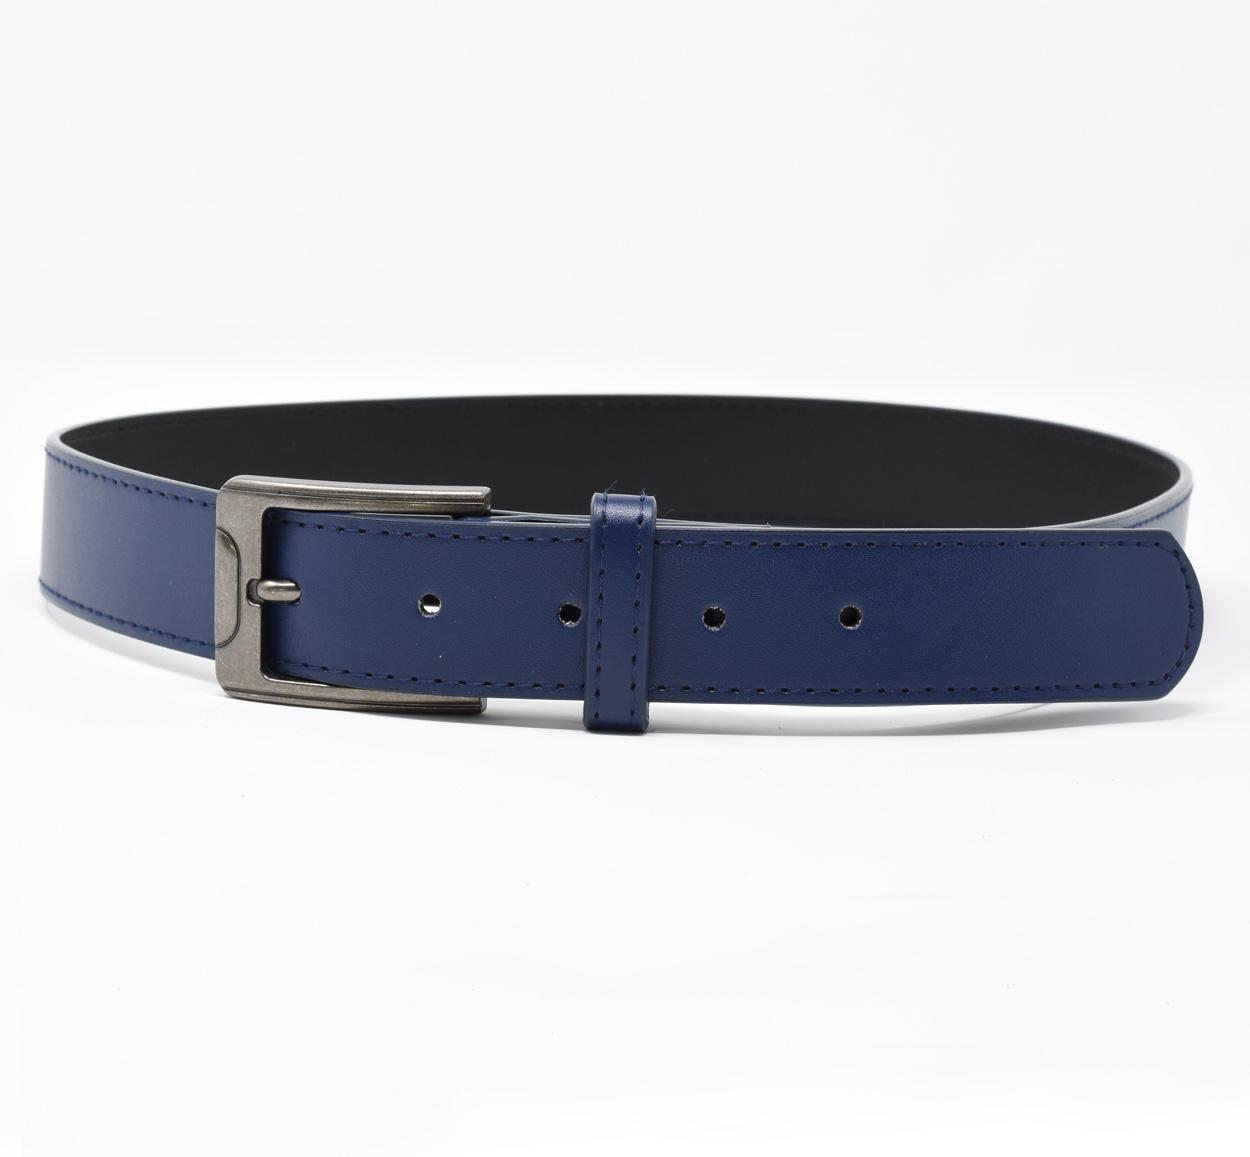 Cintura per bambino da 6 a 16 anni Sarabanda NAVY-3854 9b304ae5ee9